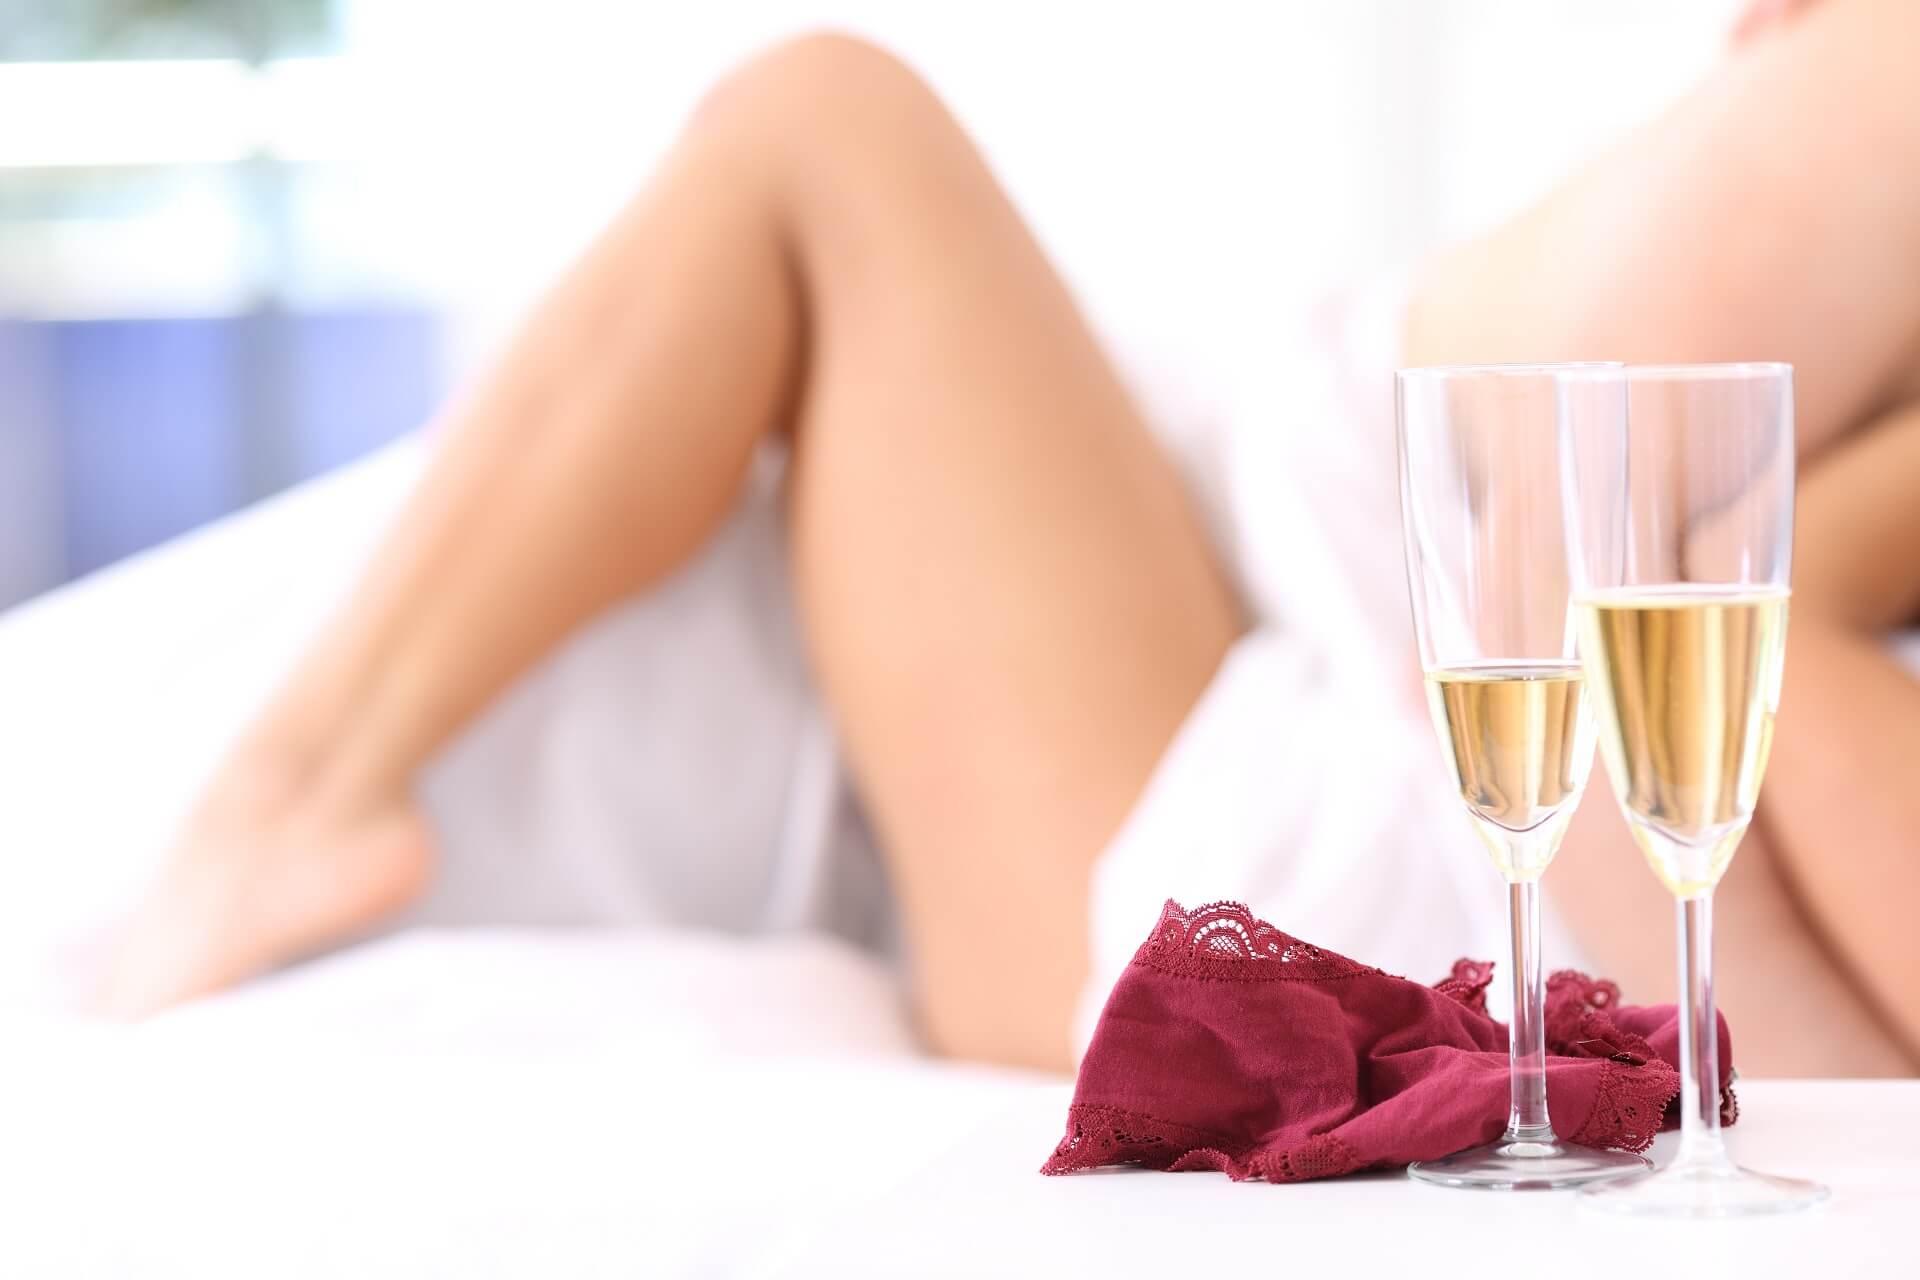 חדרים דיסקרטיים לזוגות לפי שעות